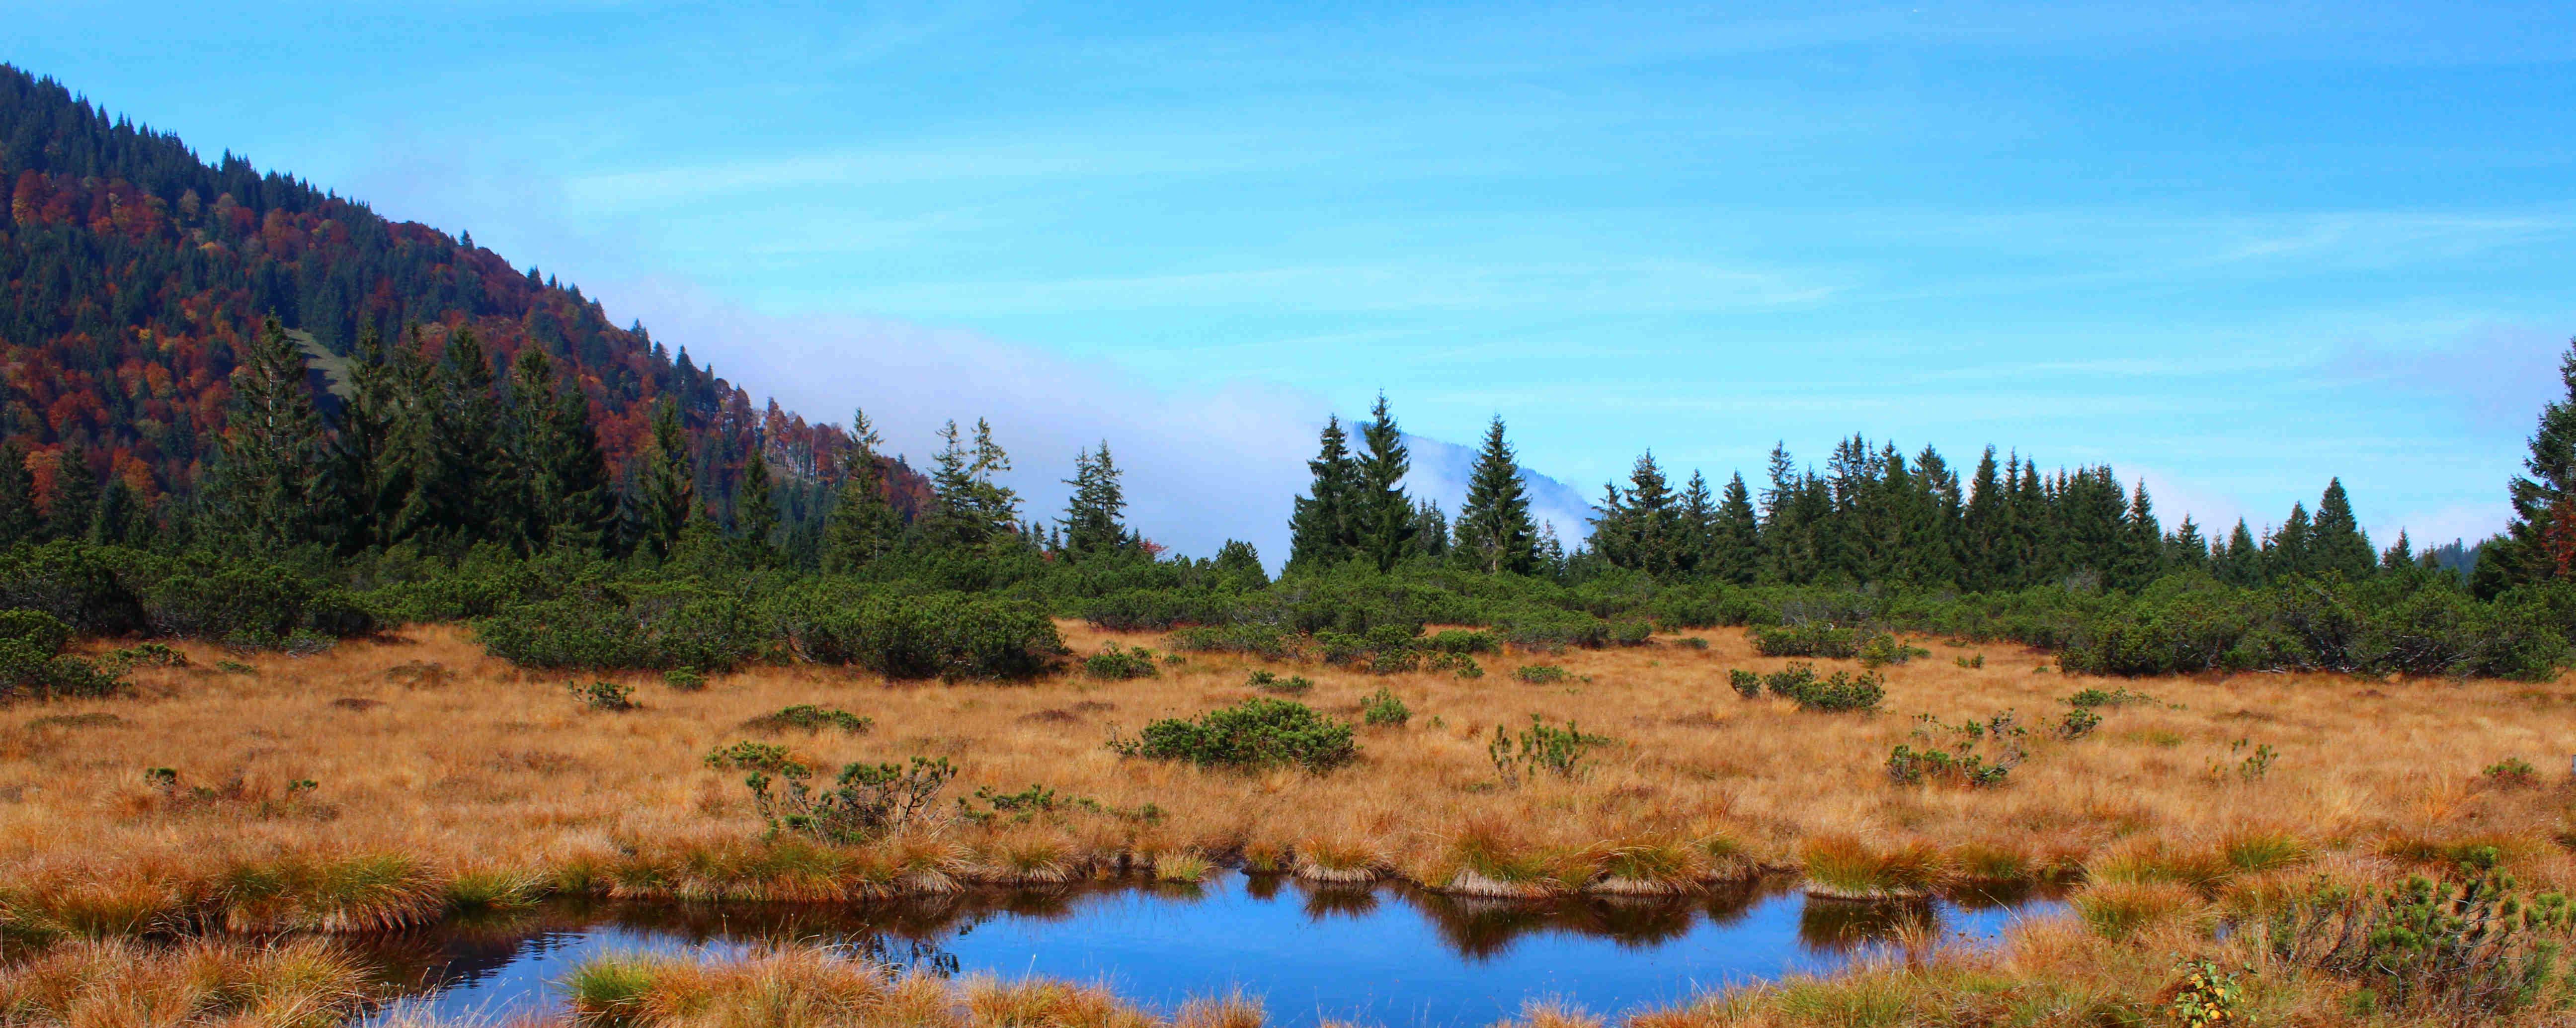 Auf dem Bild ist ein Moorgebiet zu erkennen, in welchem Lycopodiella inundata wächst.